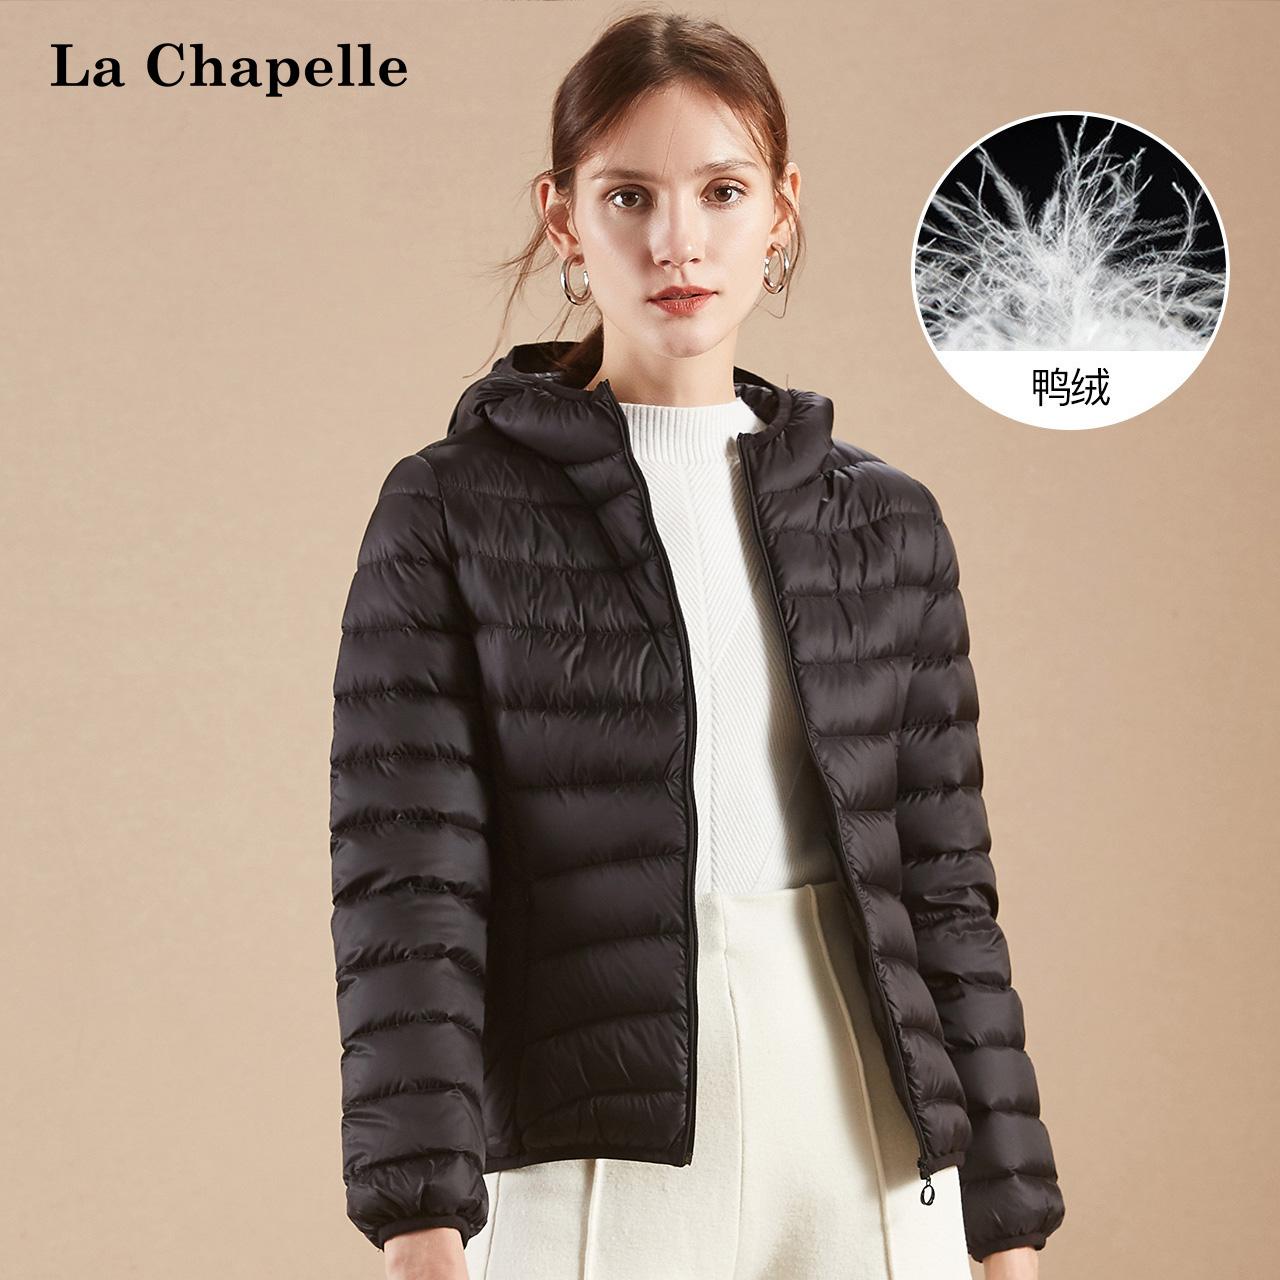 面包羽绒服女拉夏贝尔2018冬季新款韩版修身短款小个子轻薄棉服潮